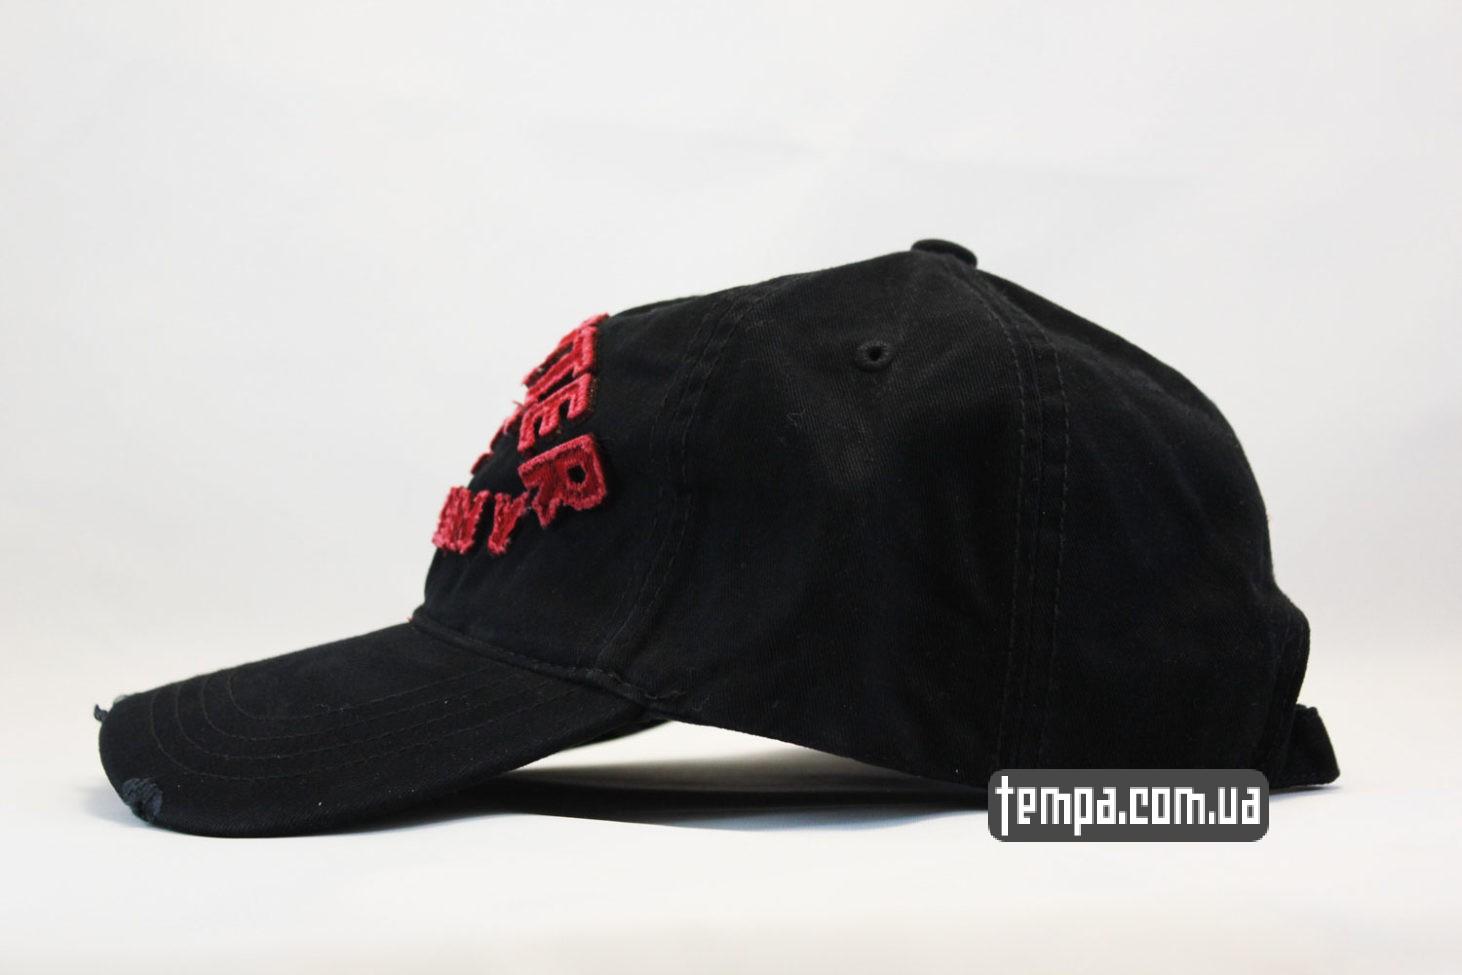 украина купить киев оригинал кепка бейсболка hollister черная с логотипом и чайкой